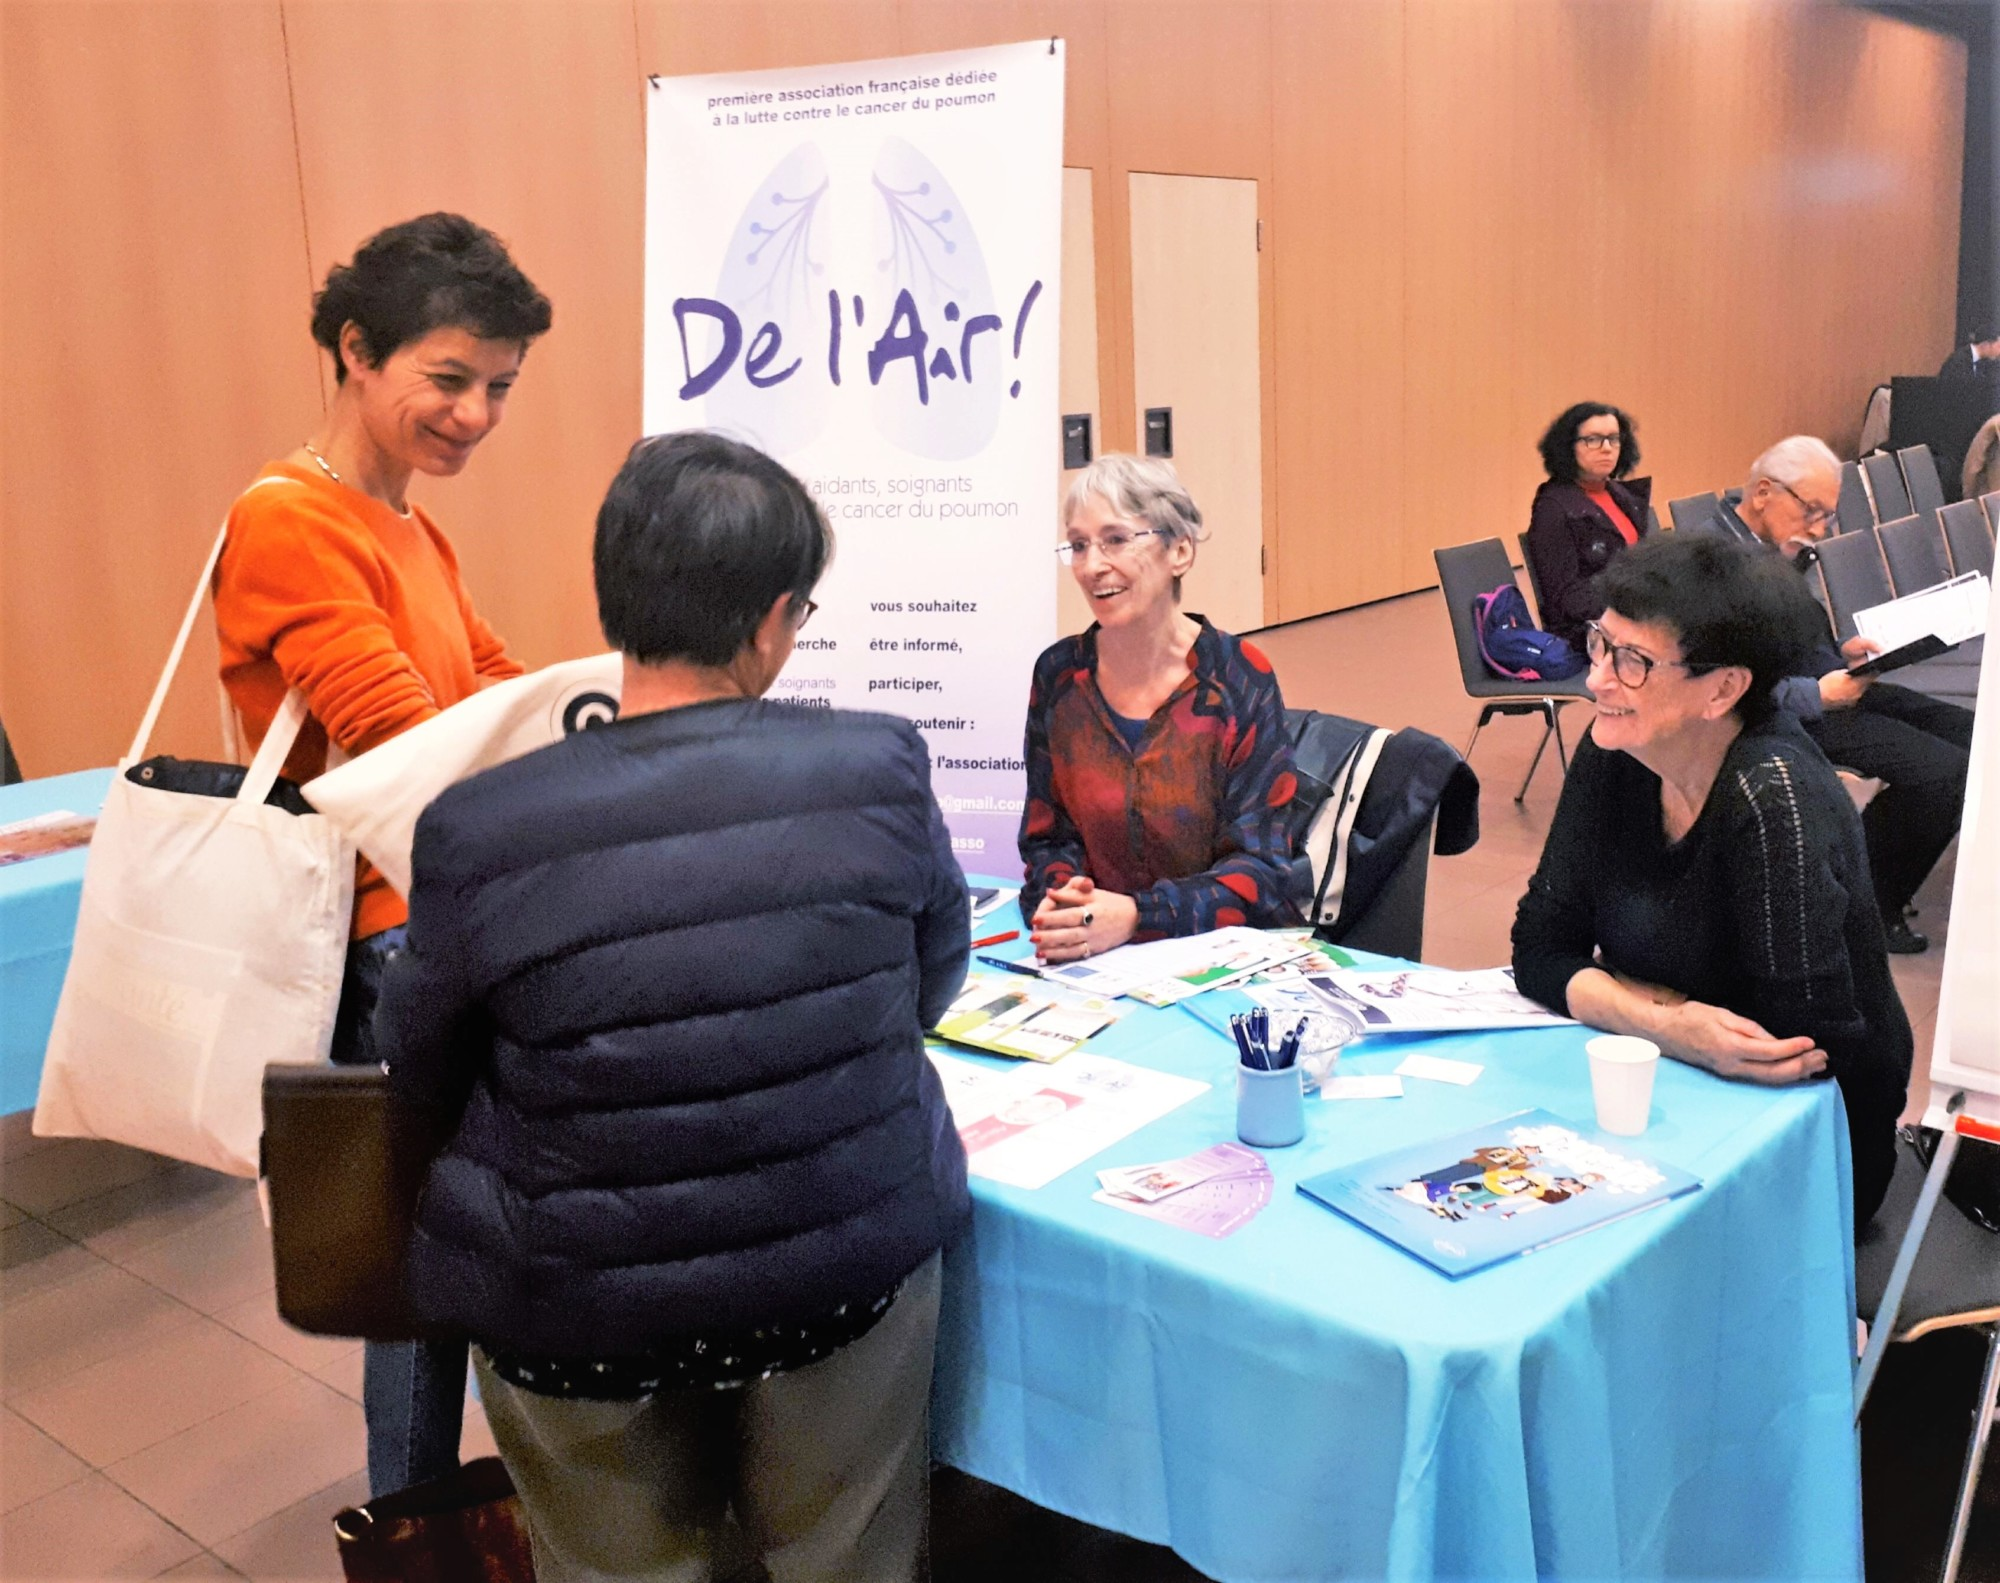 Soirée grand public organisée par le cancéropôle Lyon Auvergne Rhône-Alpes CLARA autour de la recherche clinique en cancérologie